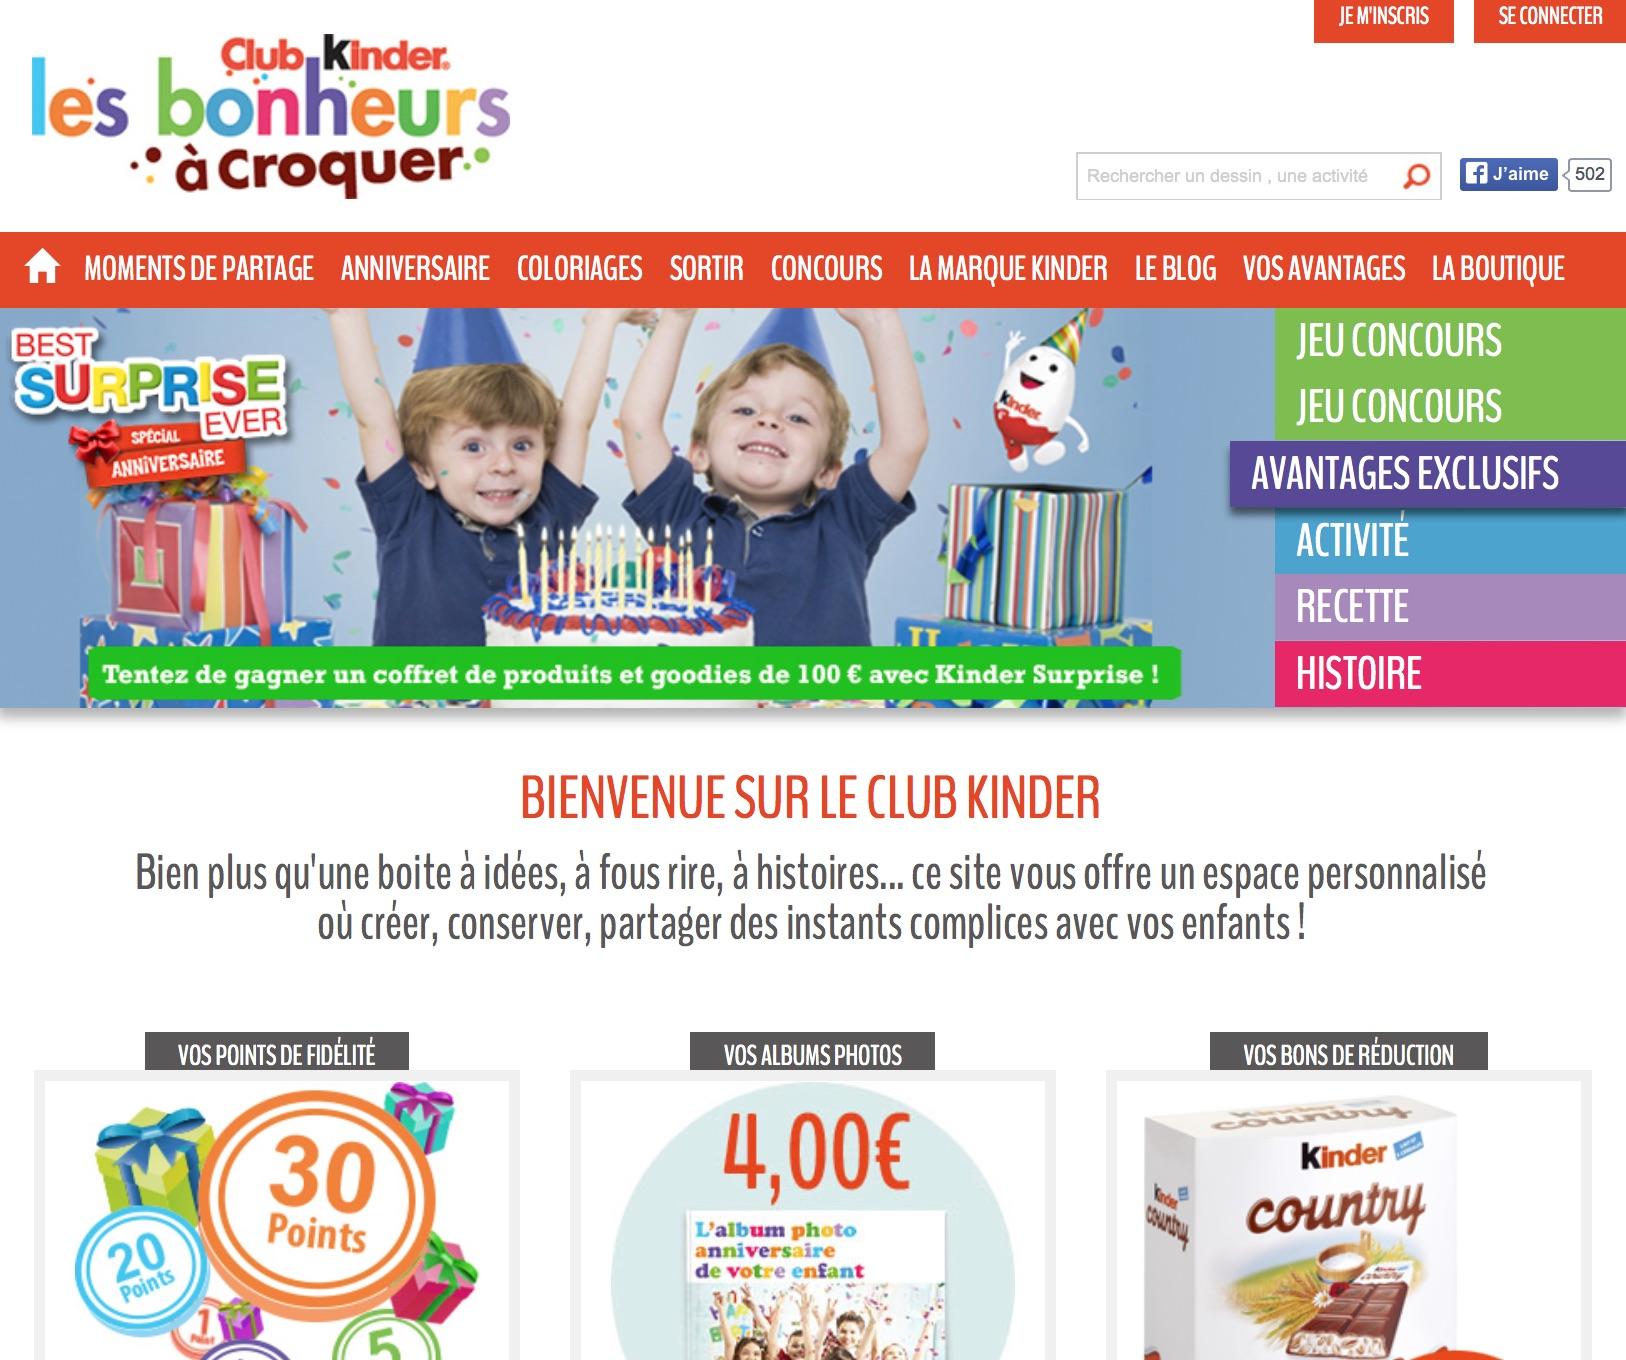 Le Club Kinder, un dispositif bien pensé dans le secteur de l'alimentation